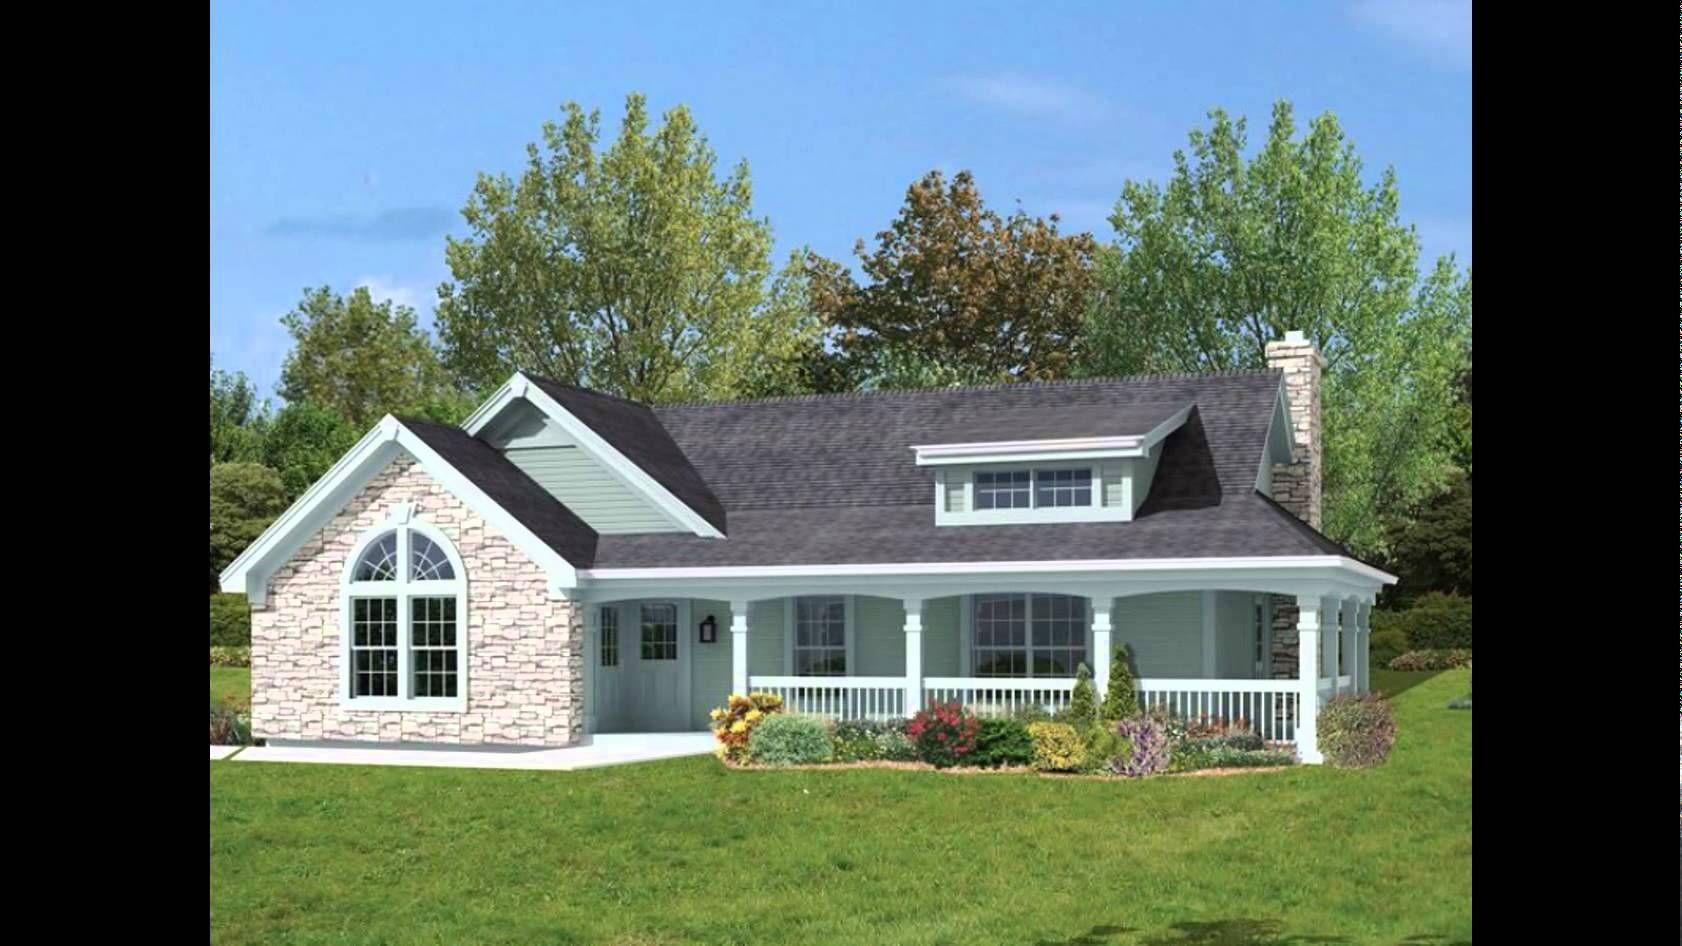 10 Coolest Farmhouse Plans For Your Inspiration Porch House Plans Ranch House Plans Southern House Plans